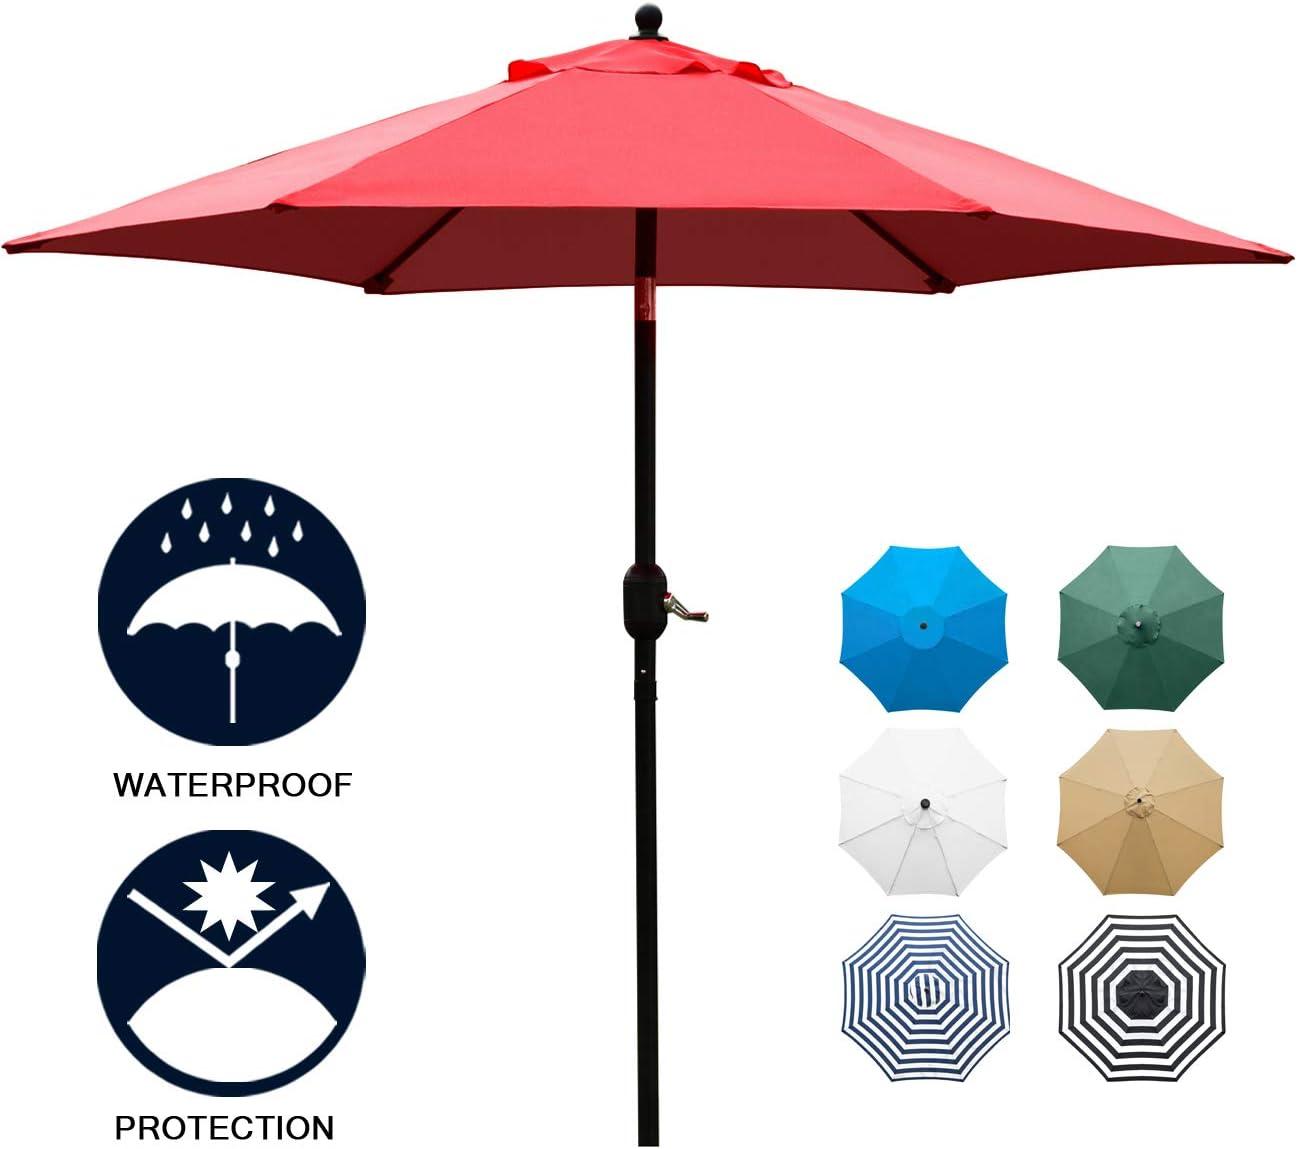 Sunnyglade 7.5 Patio Umbrella Outdoor Table Market Umbrella with Push Button Tilt Crank, 6 Ribs Red